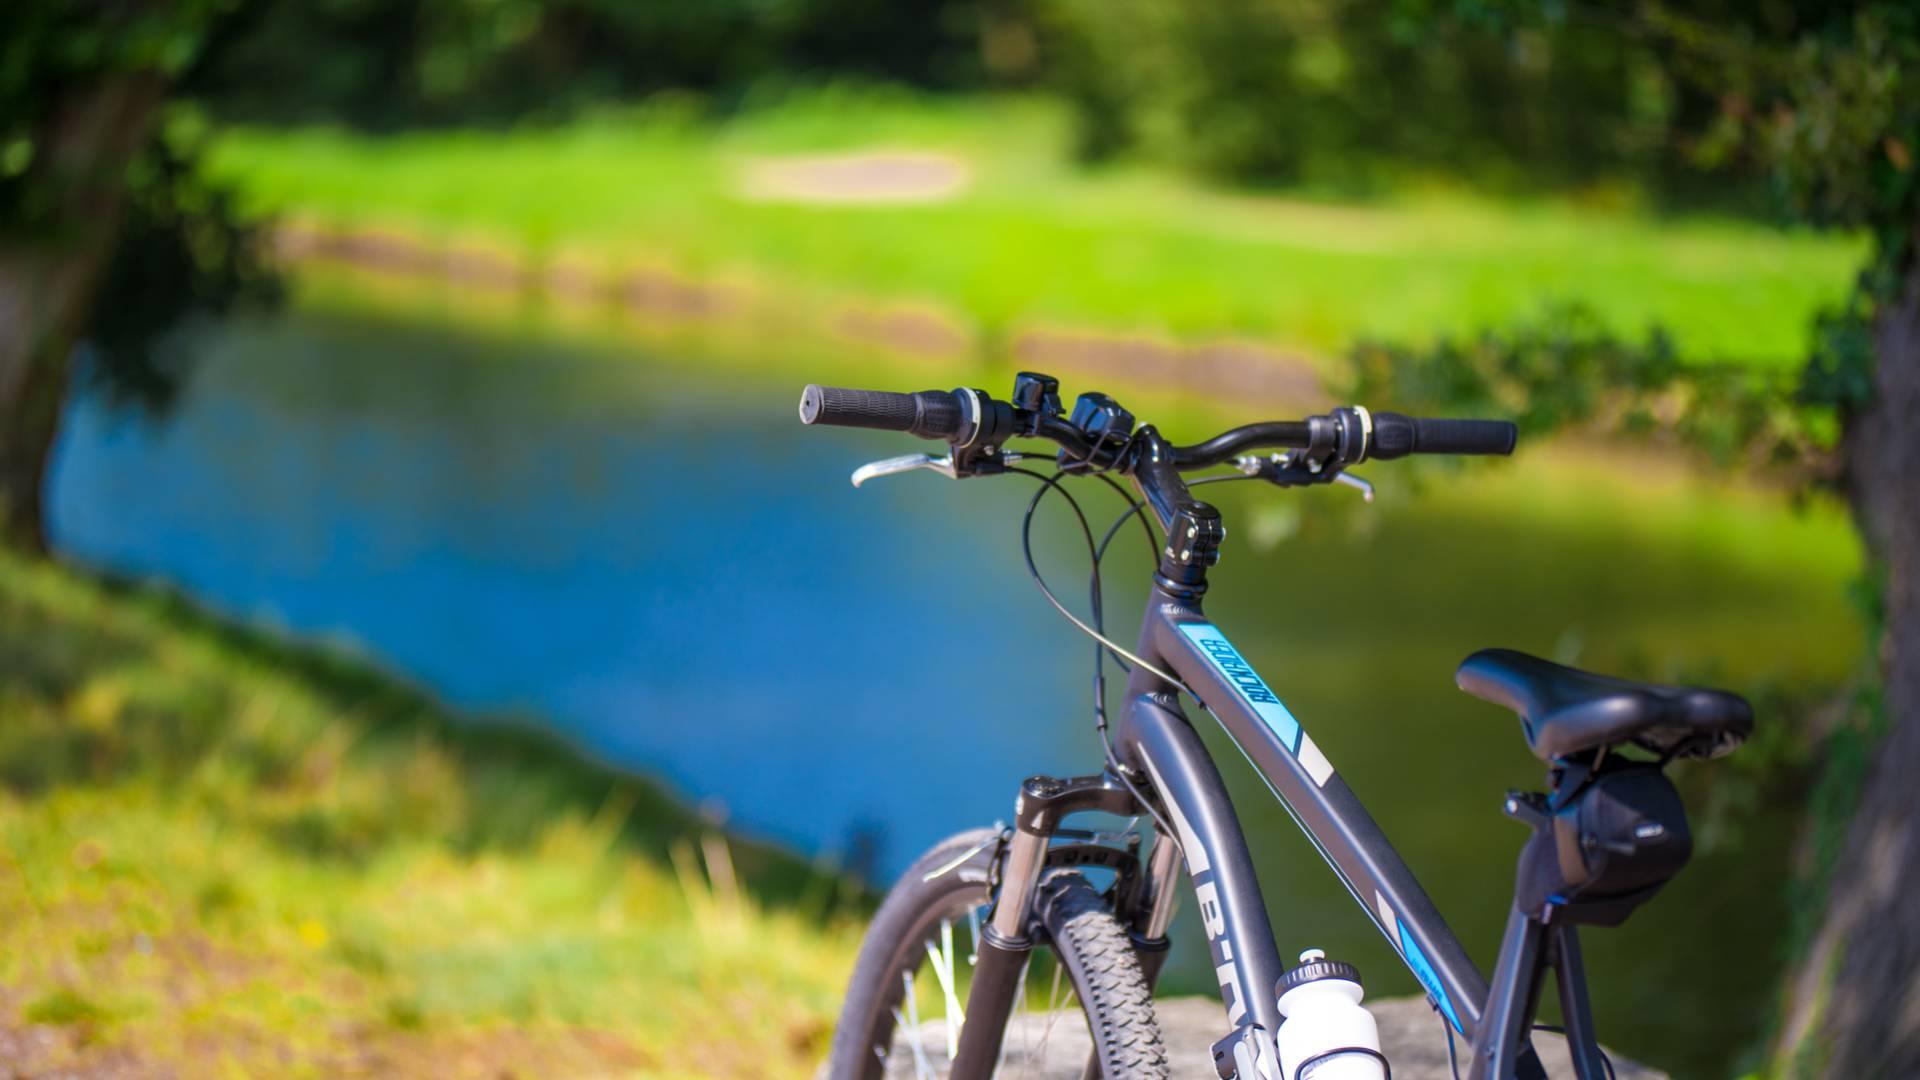 Le long du canal à vélo, Montchanin. © Franck Juillot.